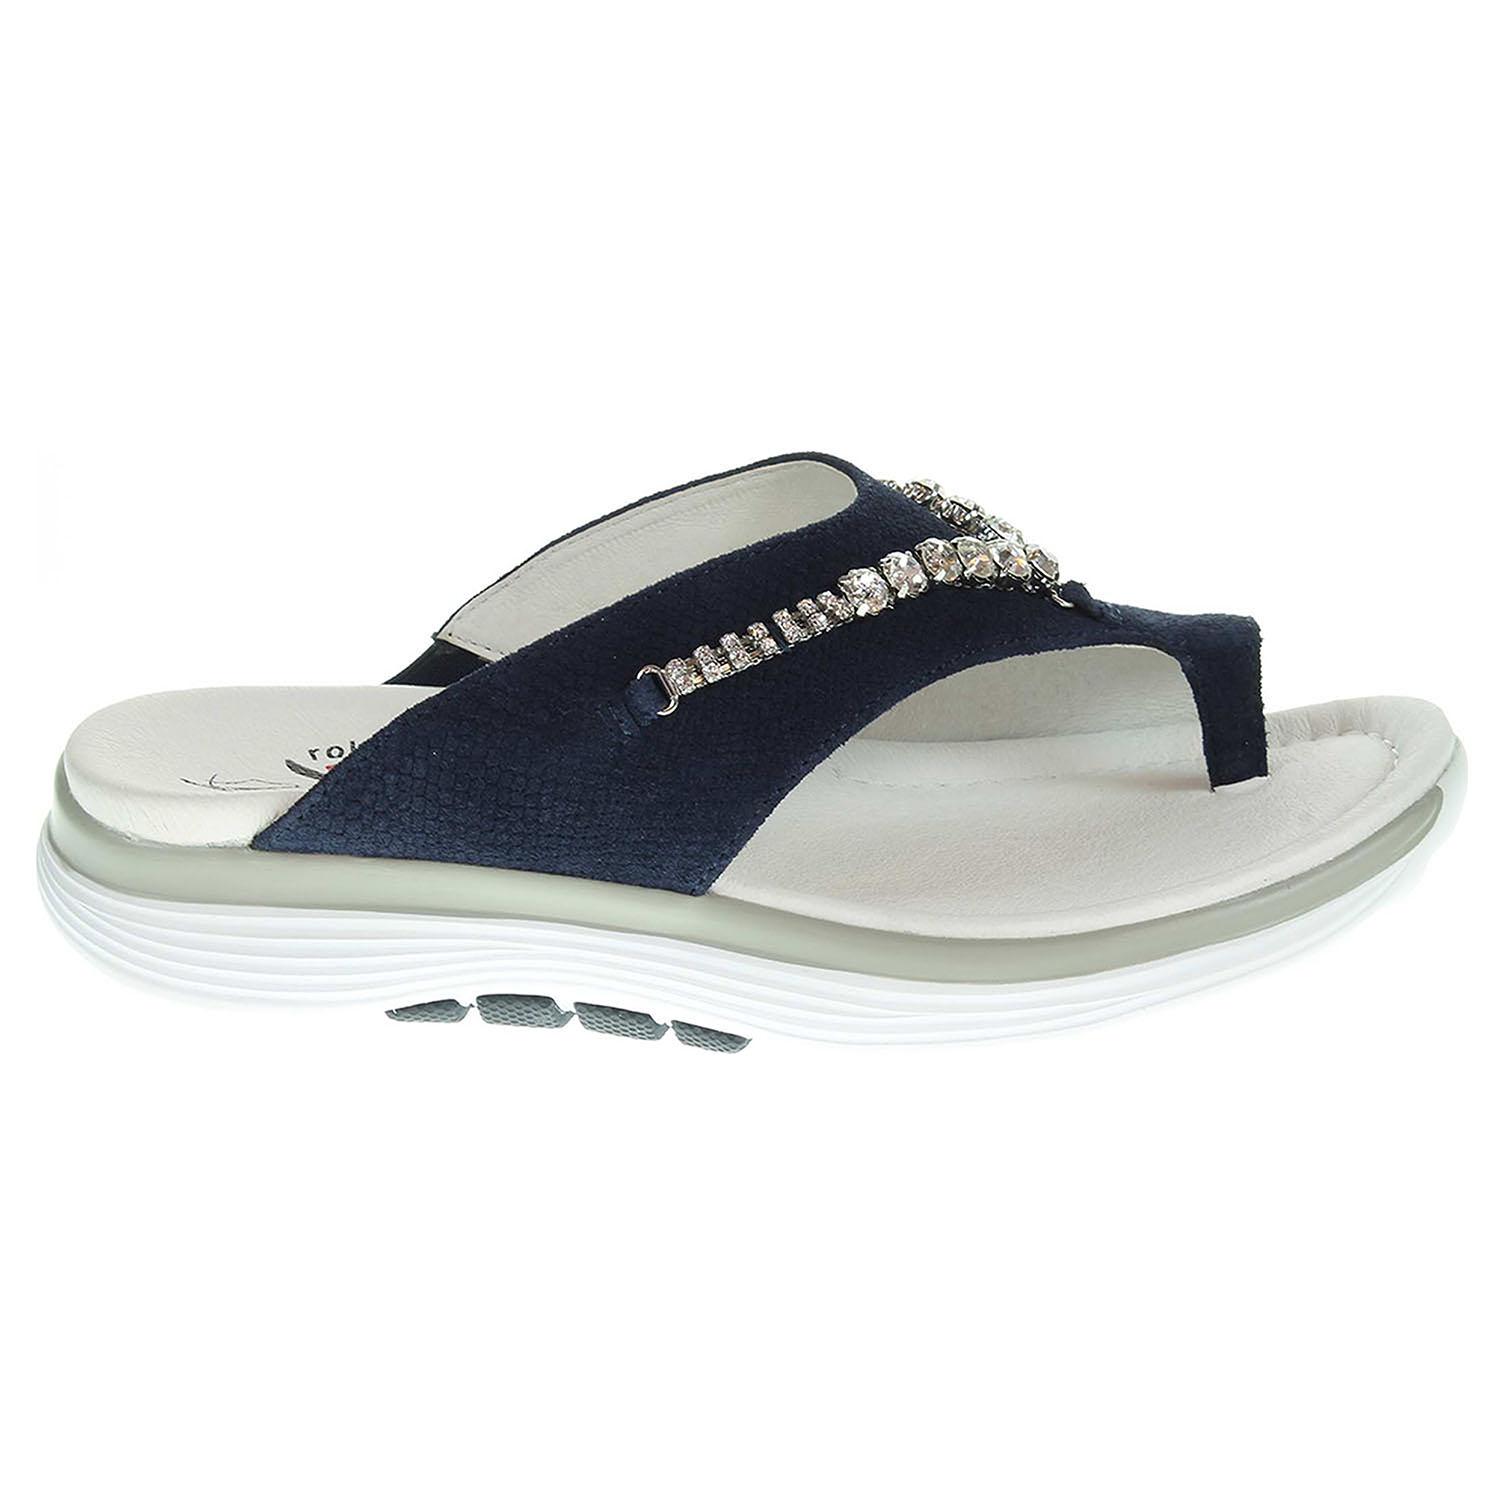 Gabor dámské pantofle 46.911.66 modré 40